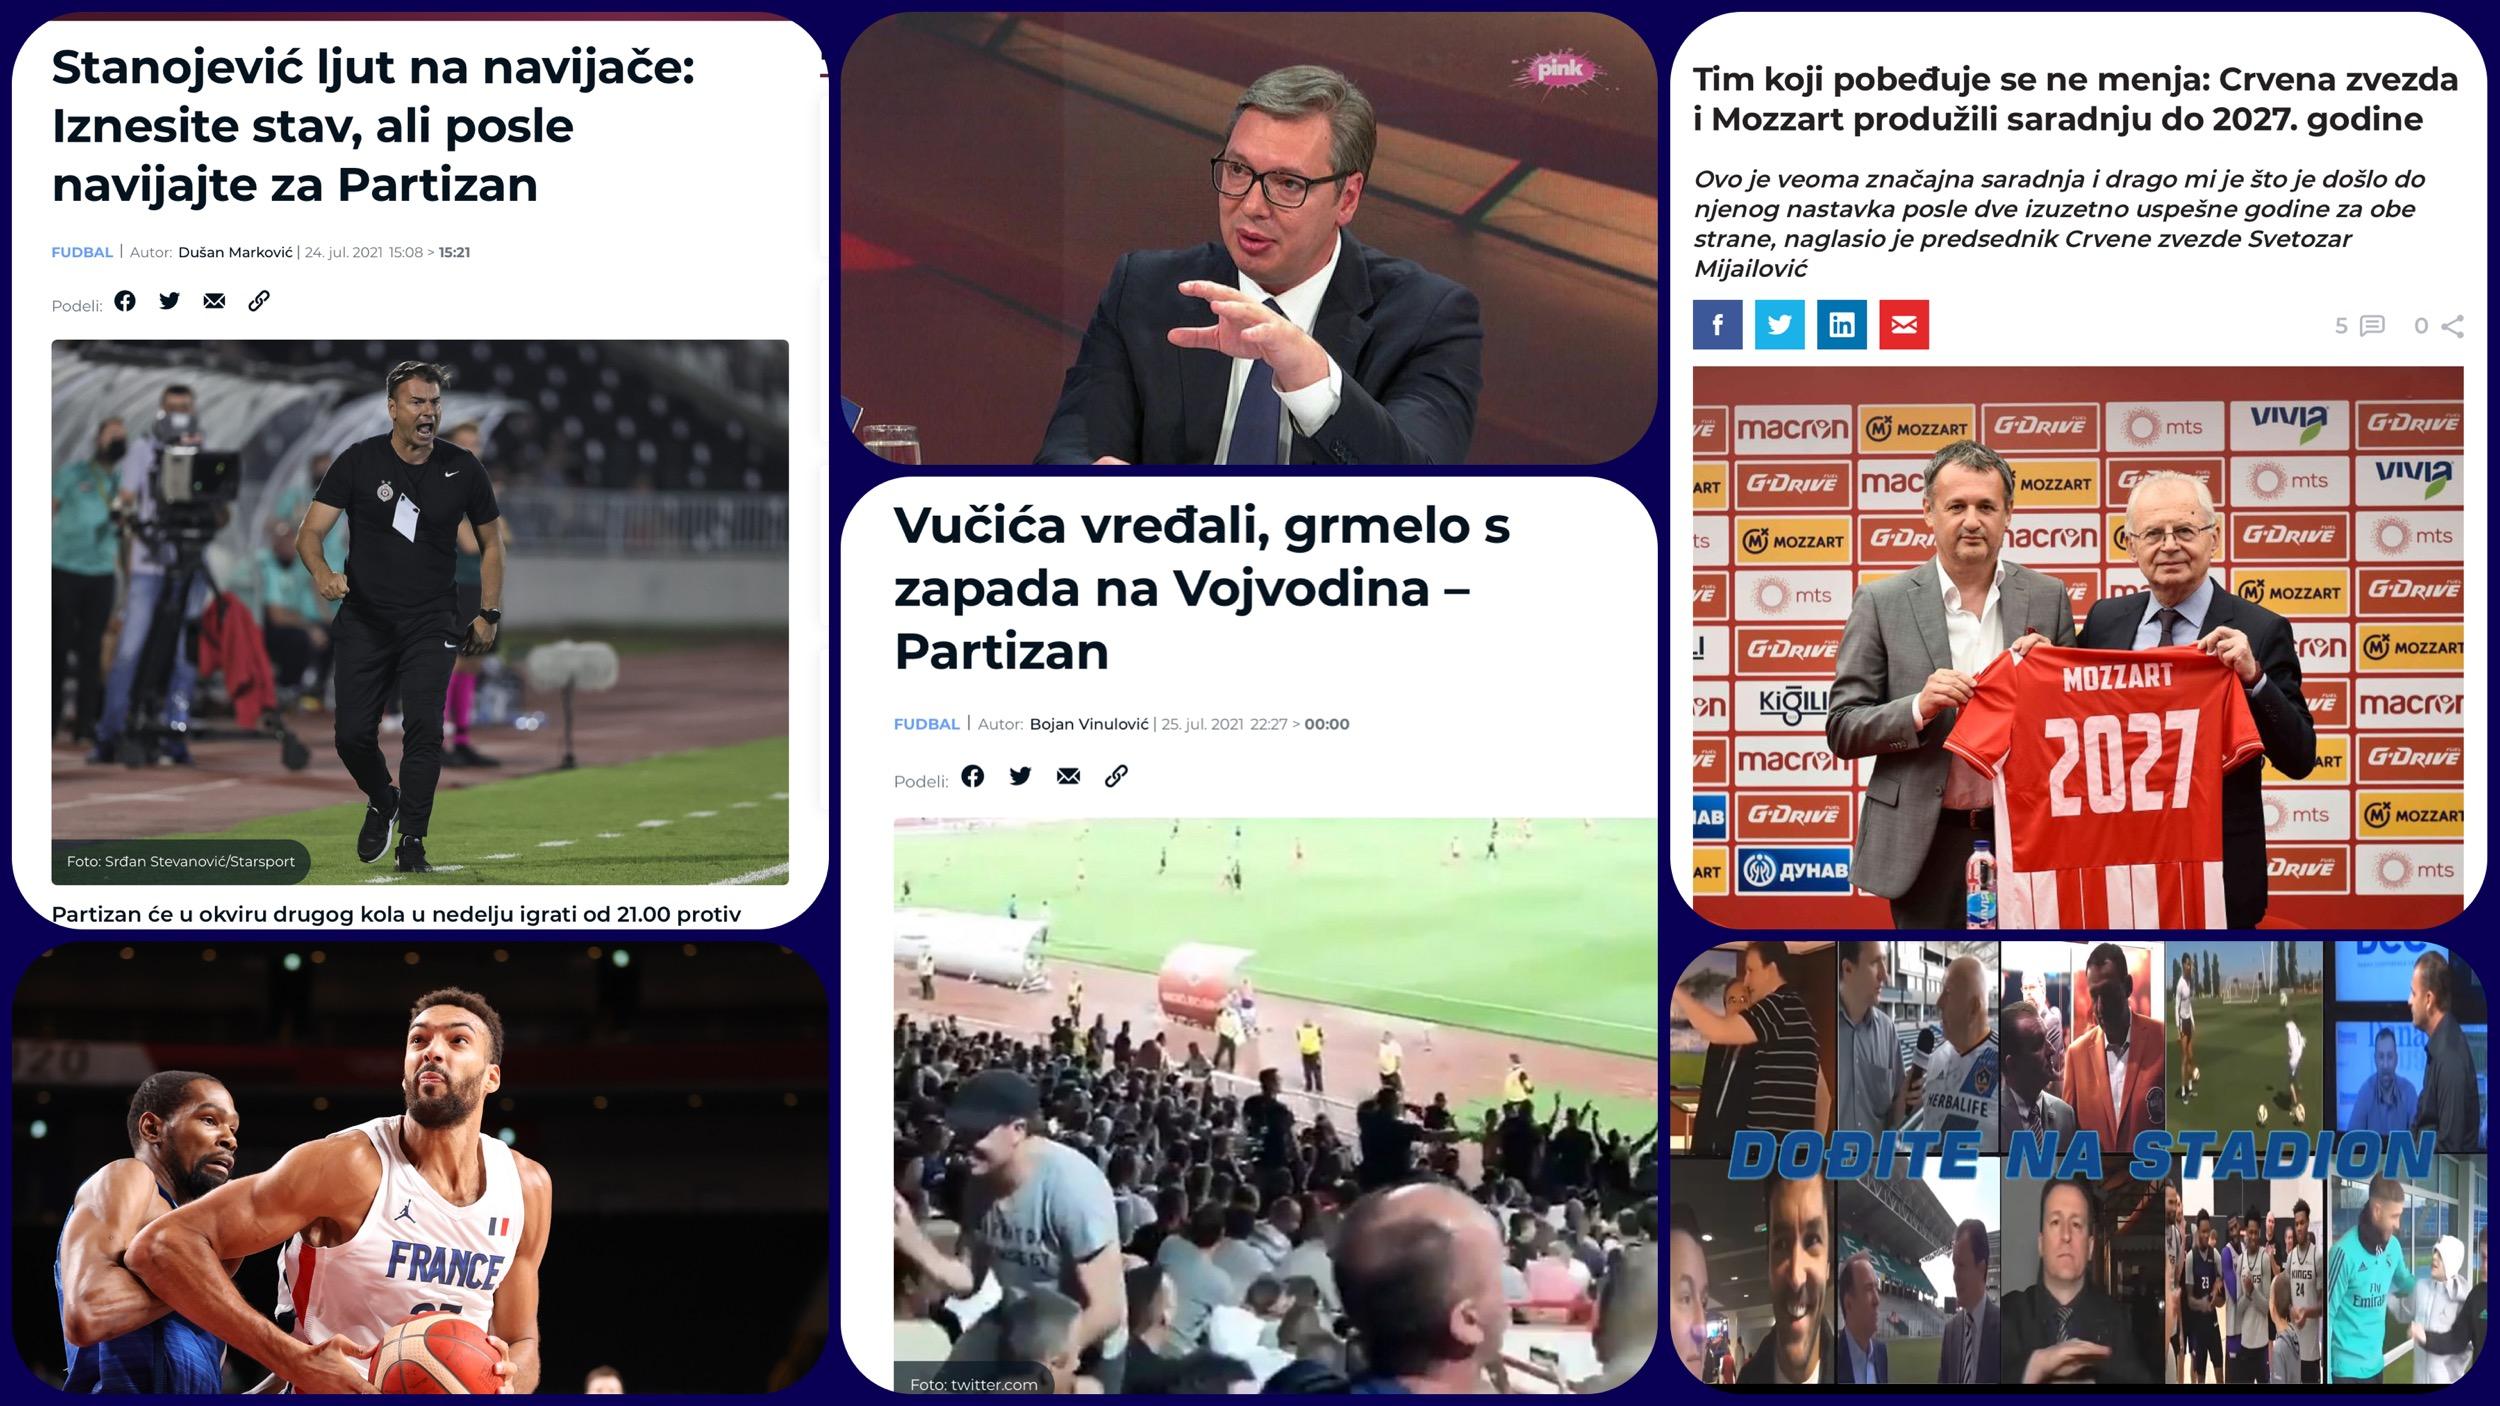 Željko Pantić: Dođite na stadion 444. Bes Ace Nevolje i neposlušna crno bela raja… (VIDEO)